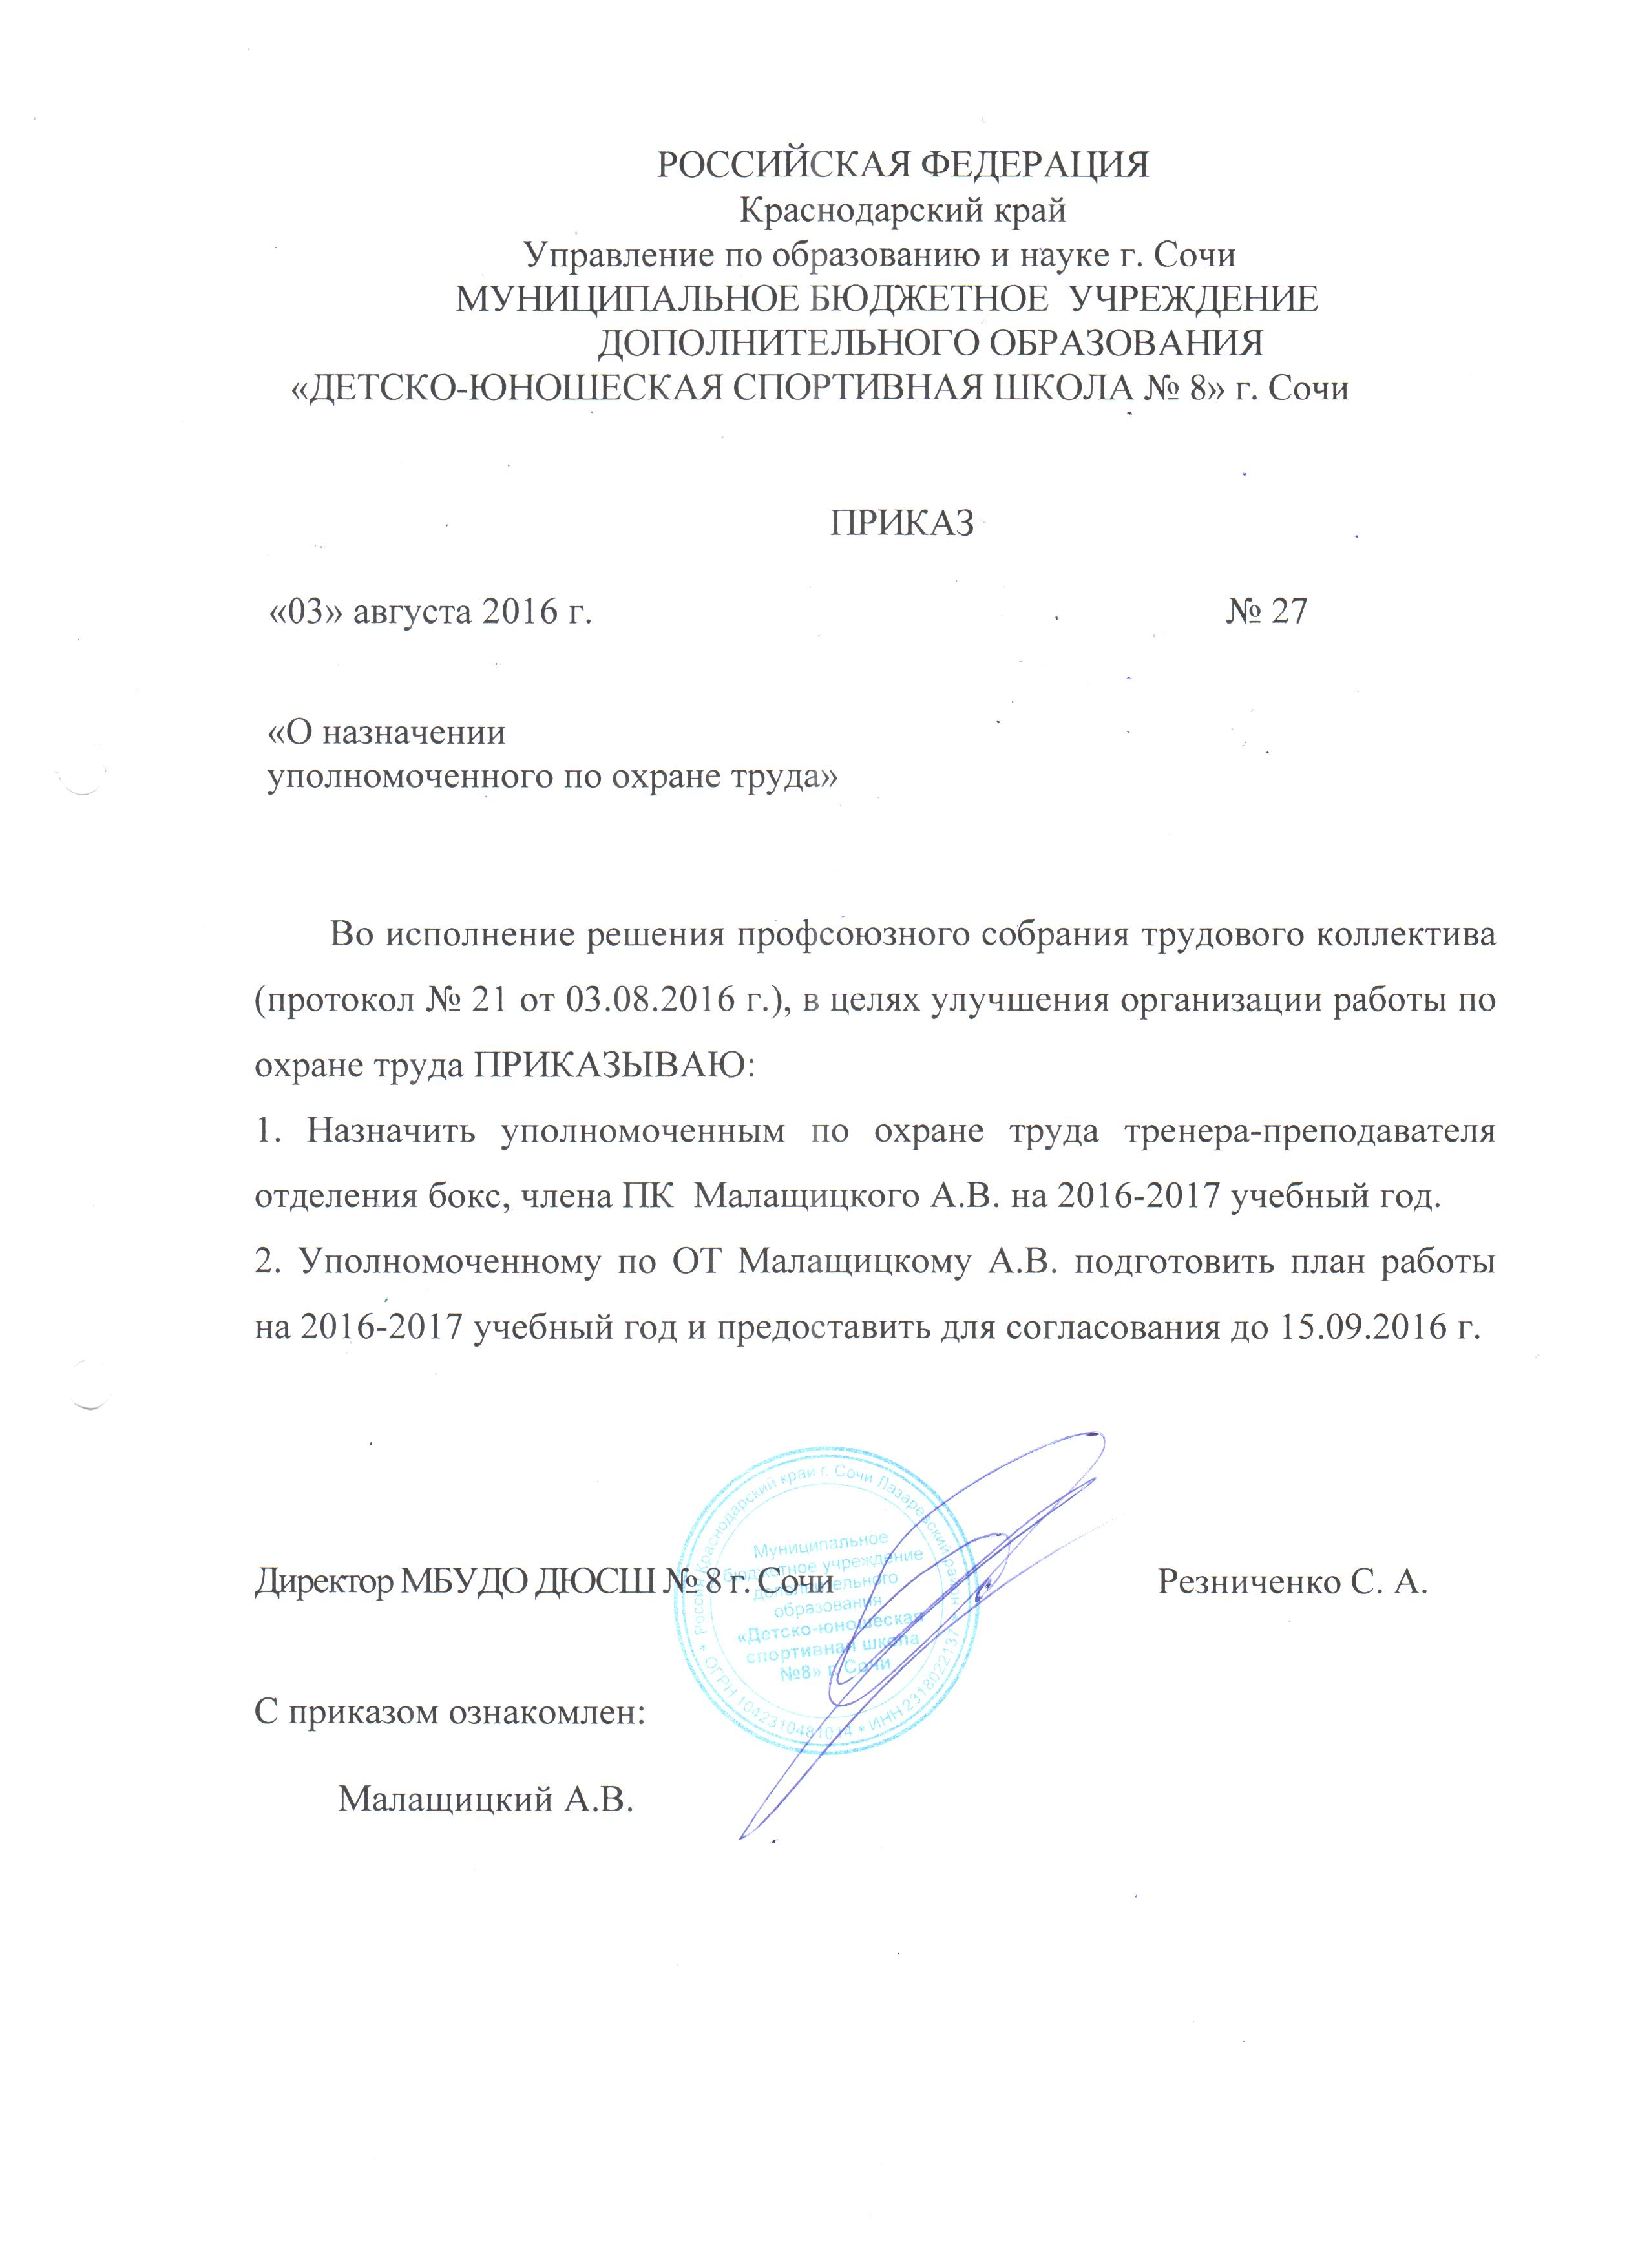 Приказ о назначении уполномоченного по ОТ на 2016-2017 уч. г.